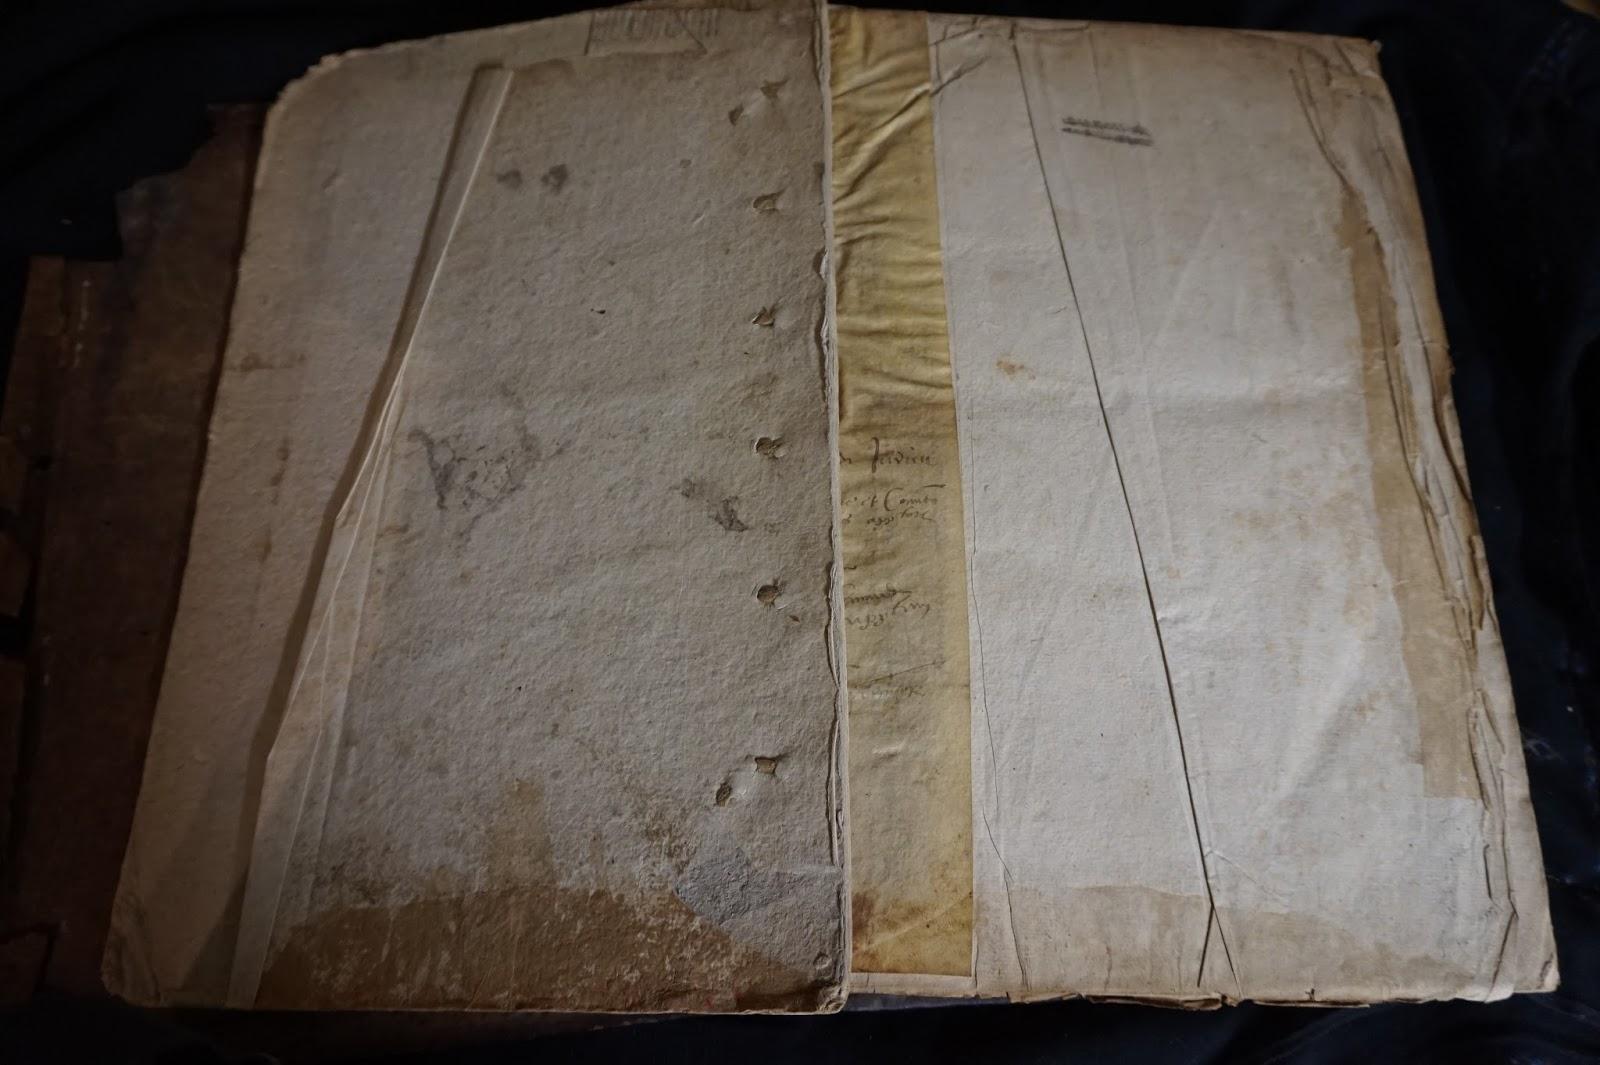 77ceb7968a02 Le livre que j ai en restauration est surtout très poussiéreux. La couture  est solide. Le cuir est usé, épidermé et un peu sec, avec des manques.